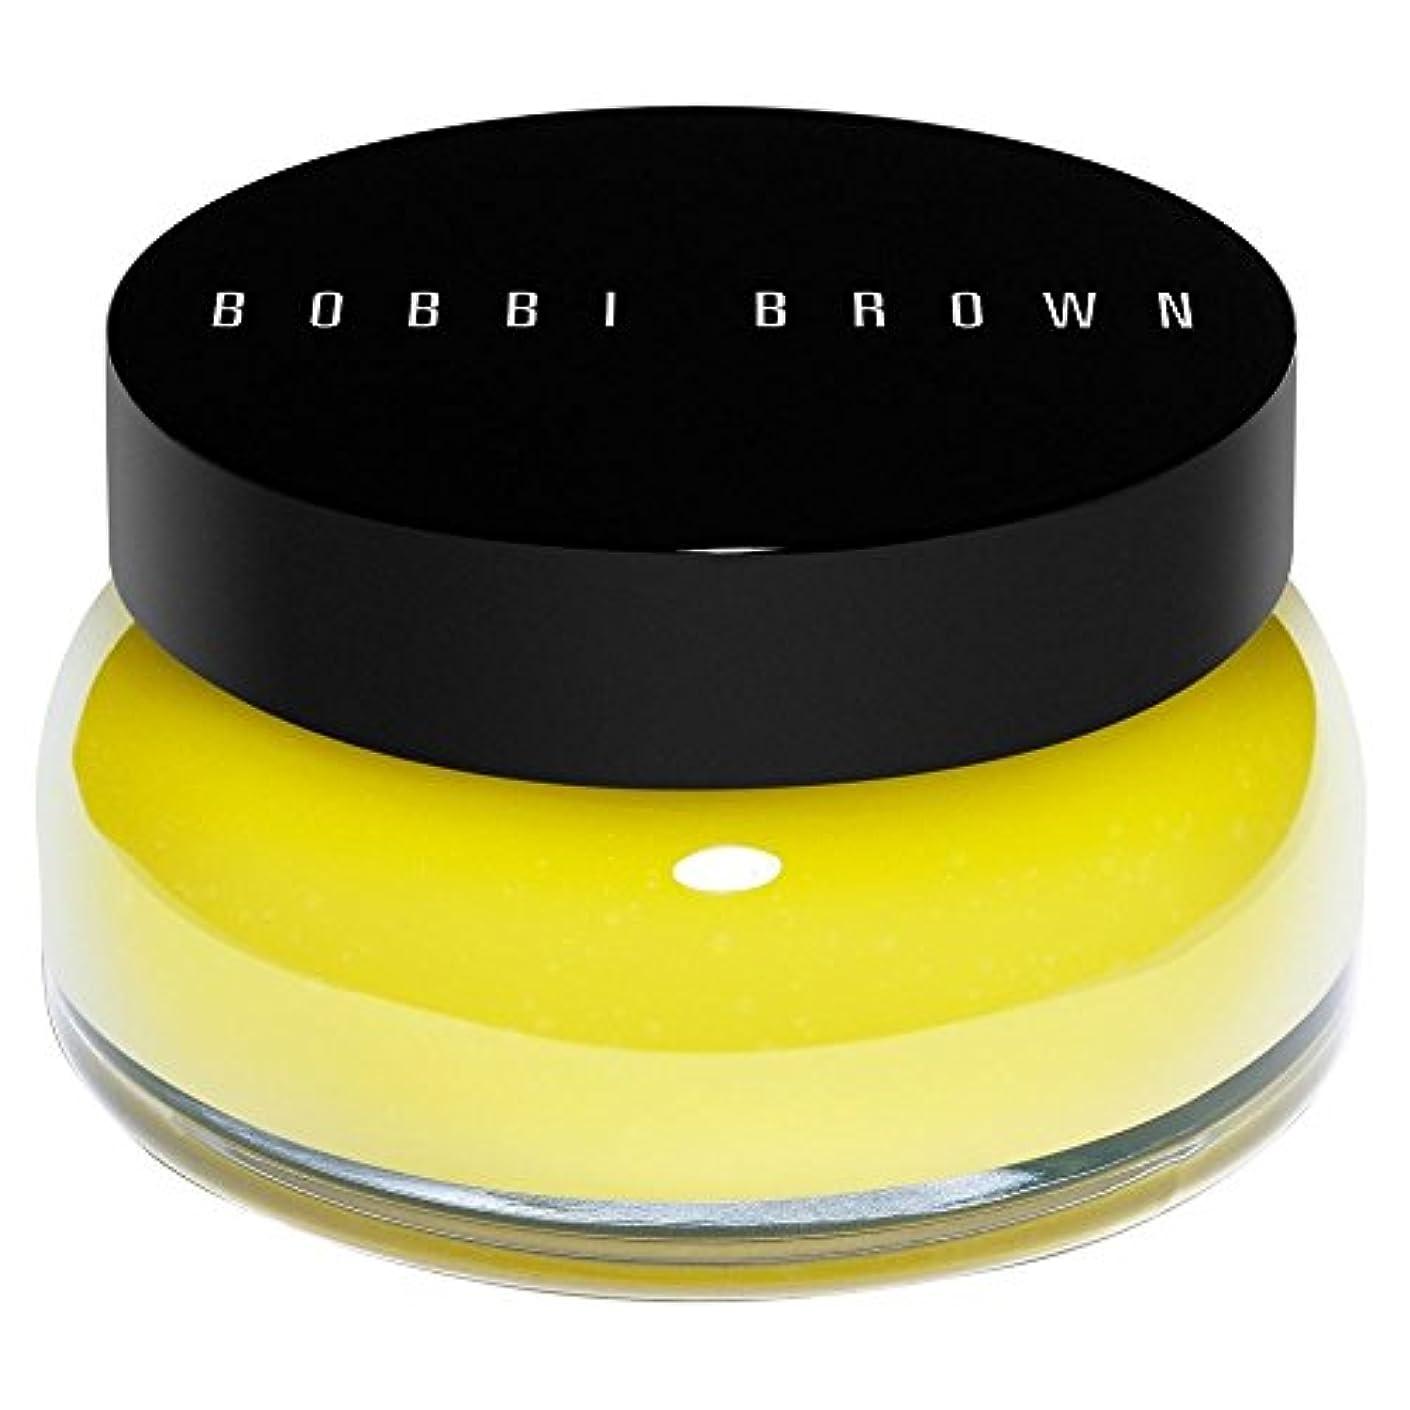 基礎体系的に氏[Bobbi Brown] ボビーブラウンエクストラバームリンス - Bobbi Brown Extra Balm Rinse [並行輸入品]